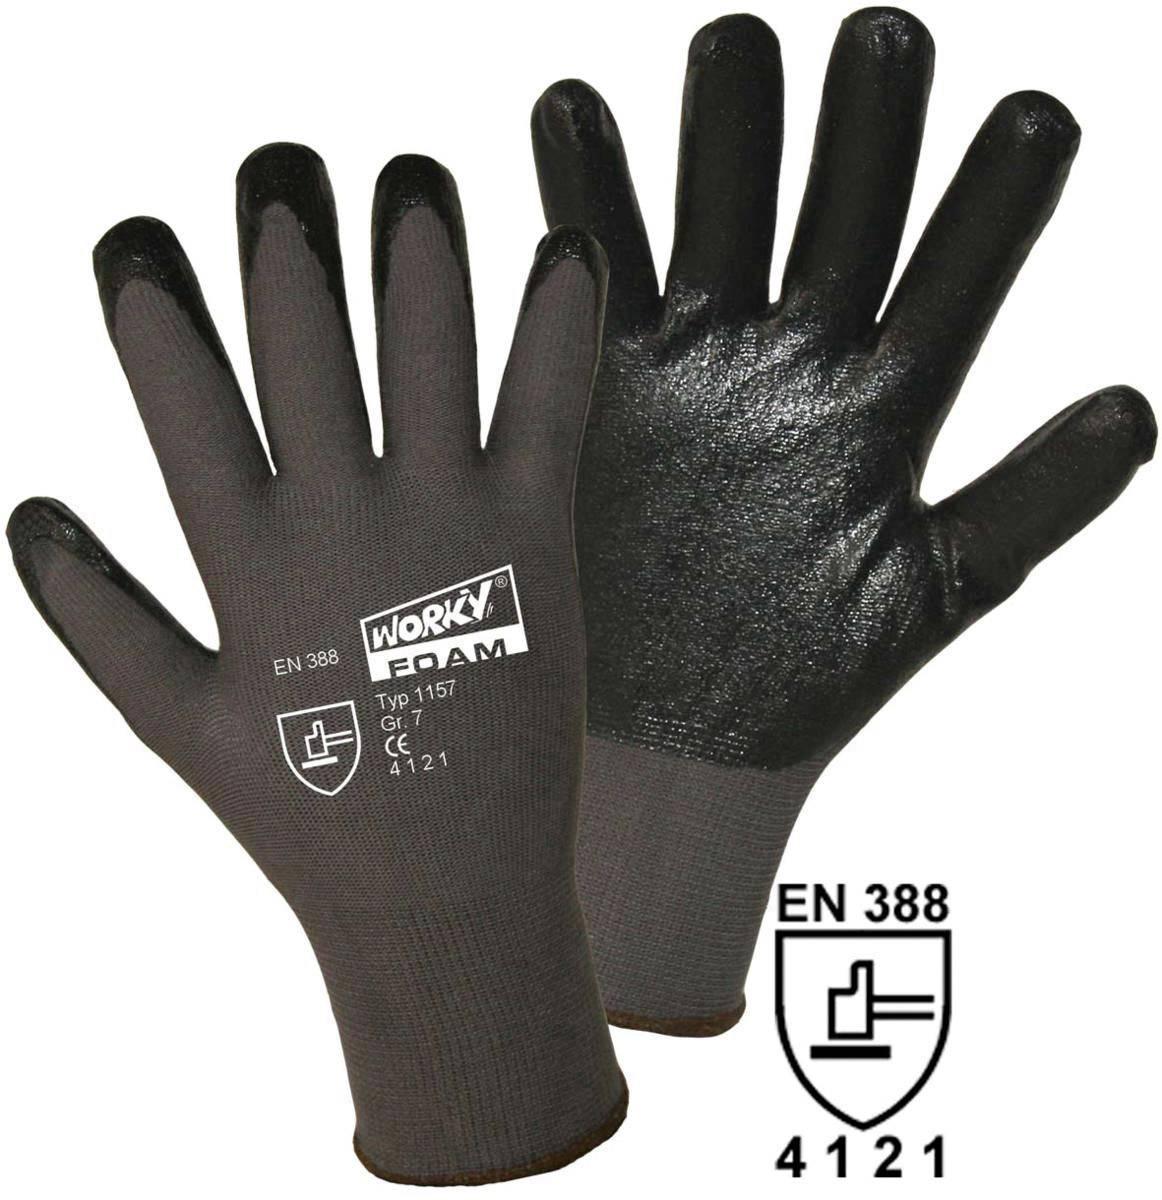 Pracovní rukavice jemně tkané worky FOAM Nylon-Nitril 1157 10, XL